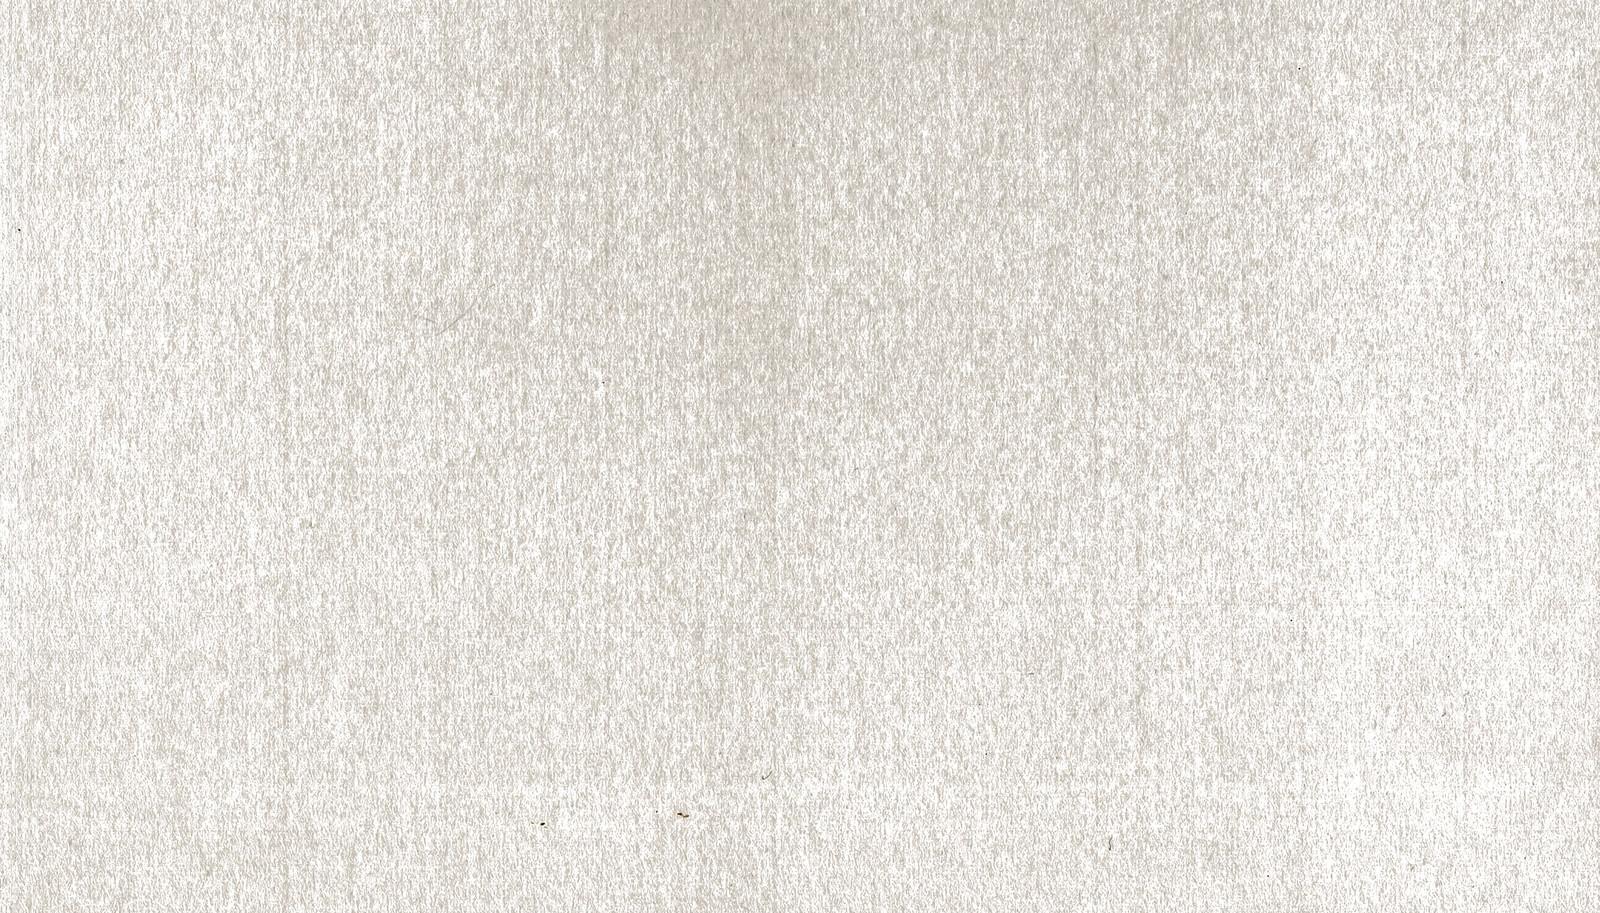 「ざらついた紙(和紙)」の写真